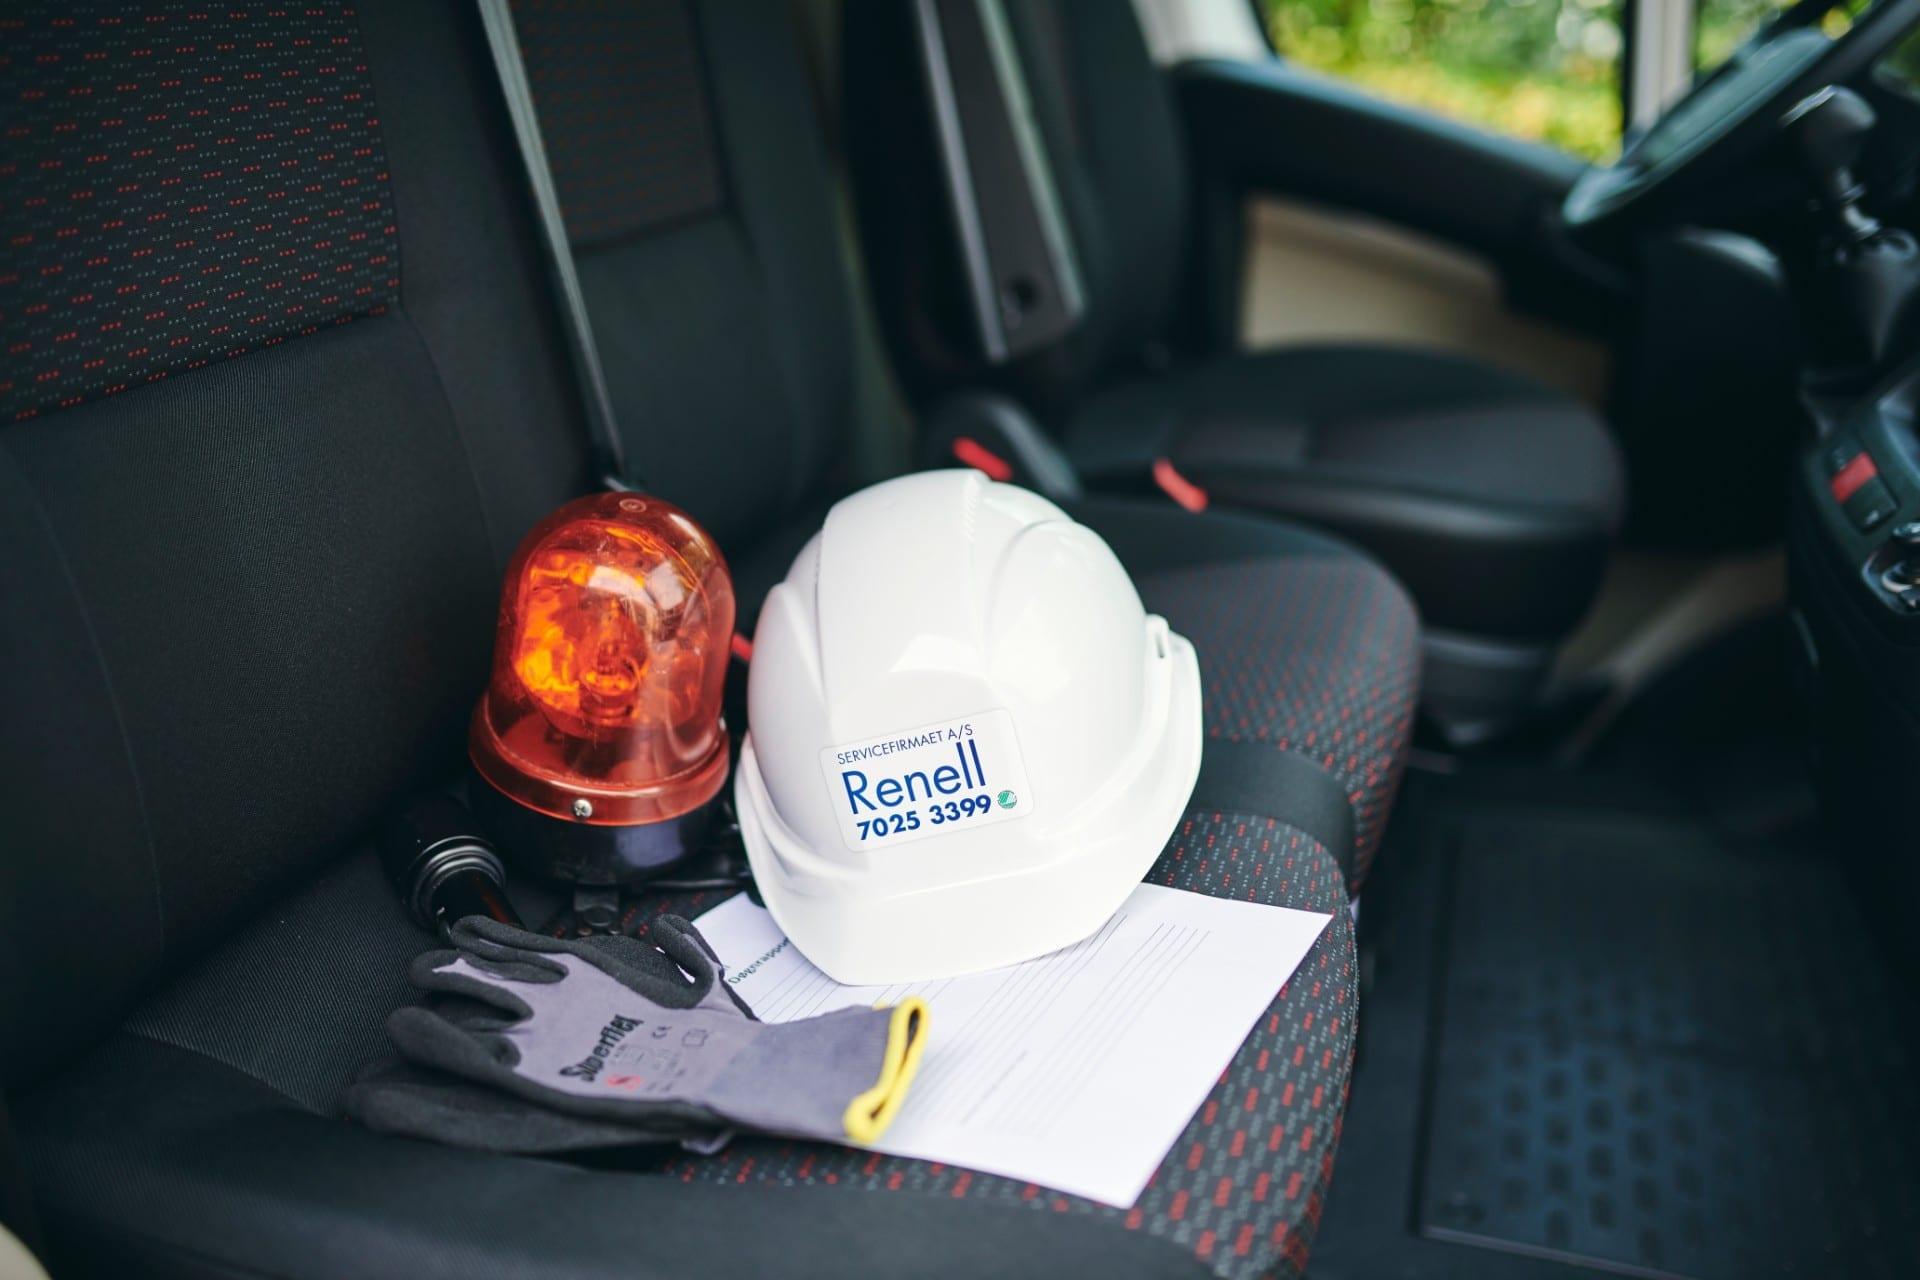 Renell-hjelm og udstyr til skadeservice